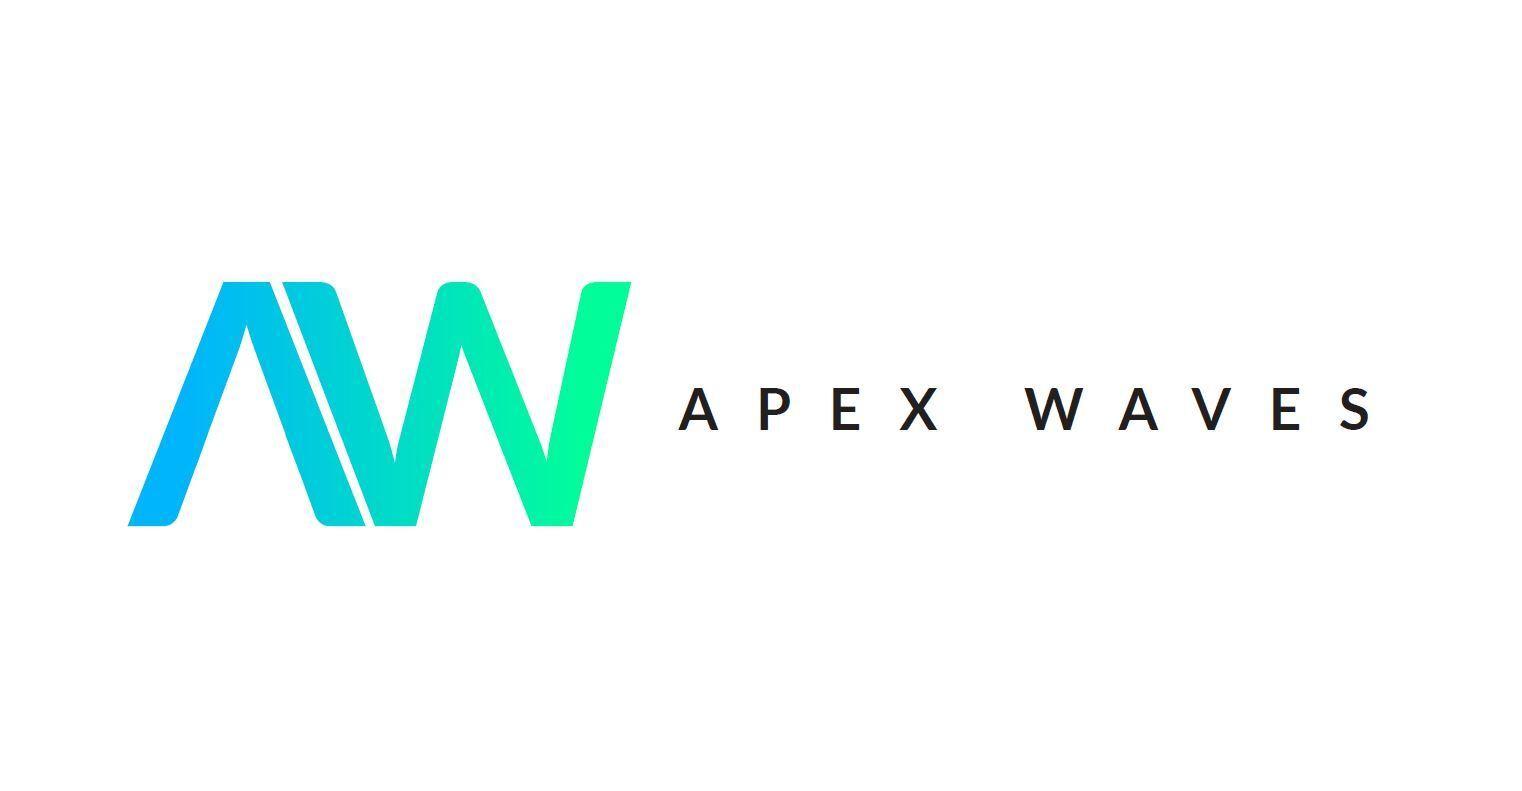 Apex Waves